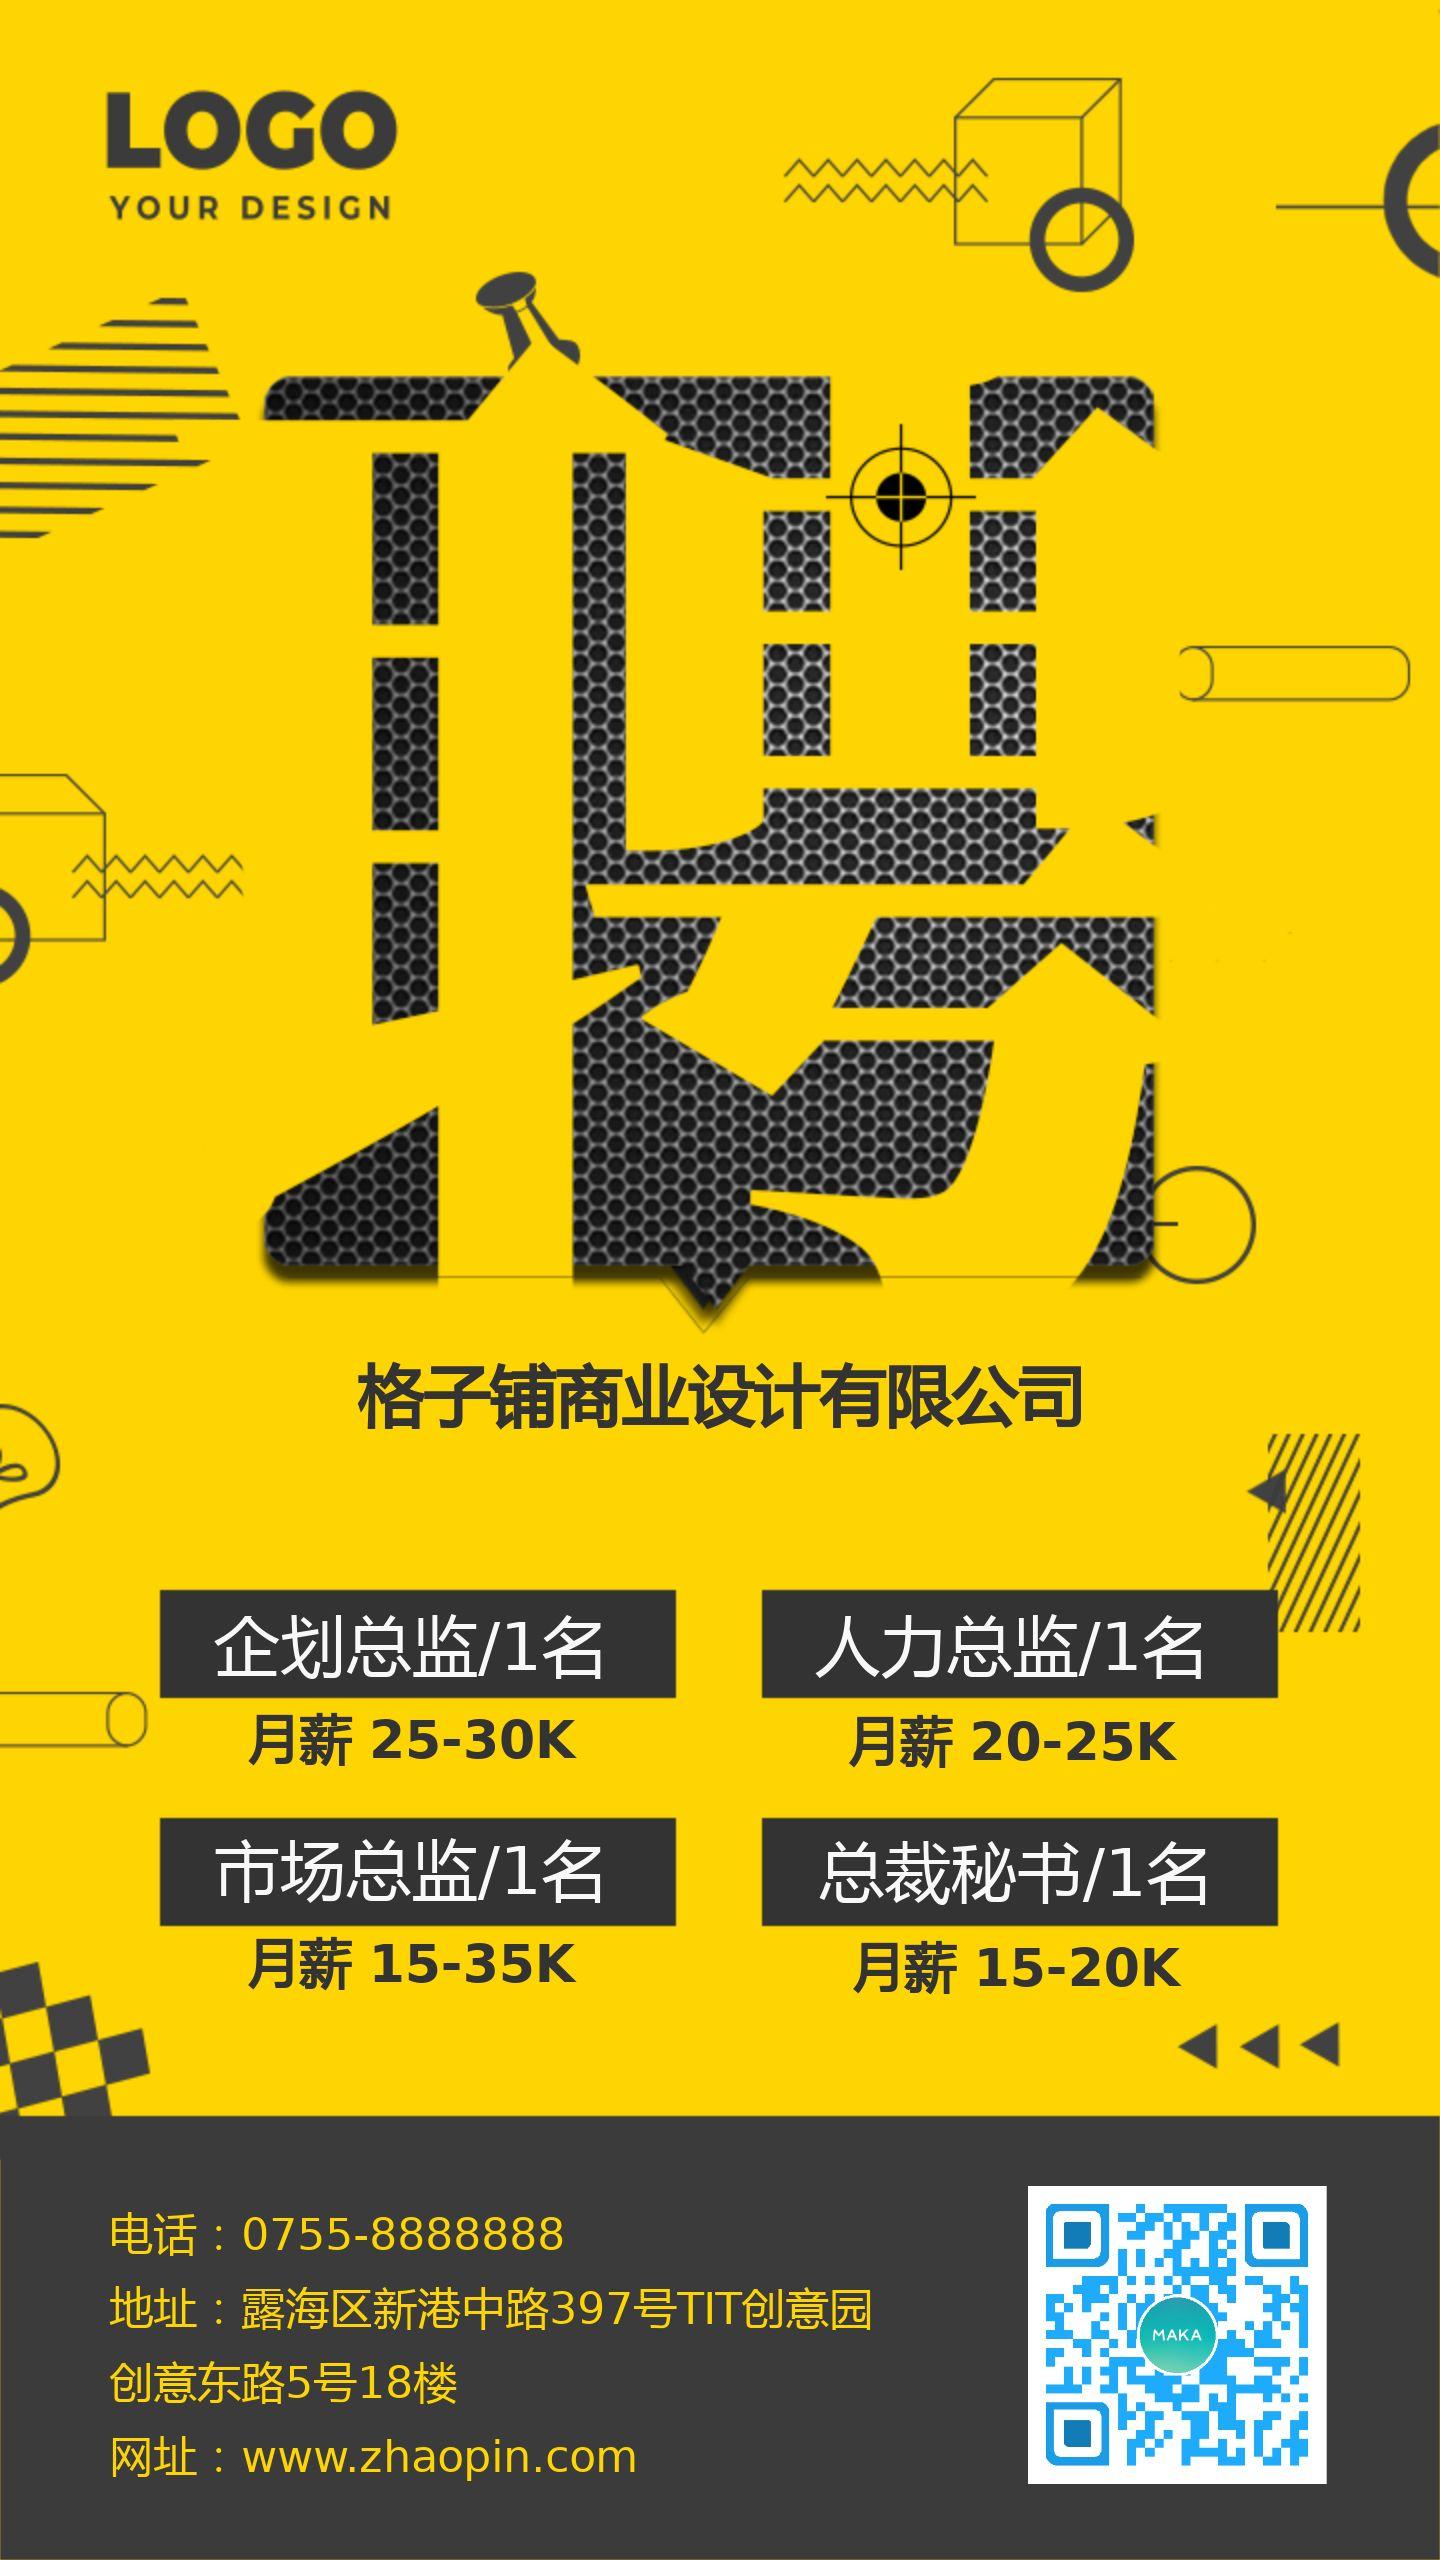 企业人才招聘简约黄色创意海报